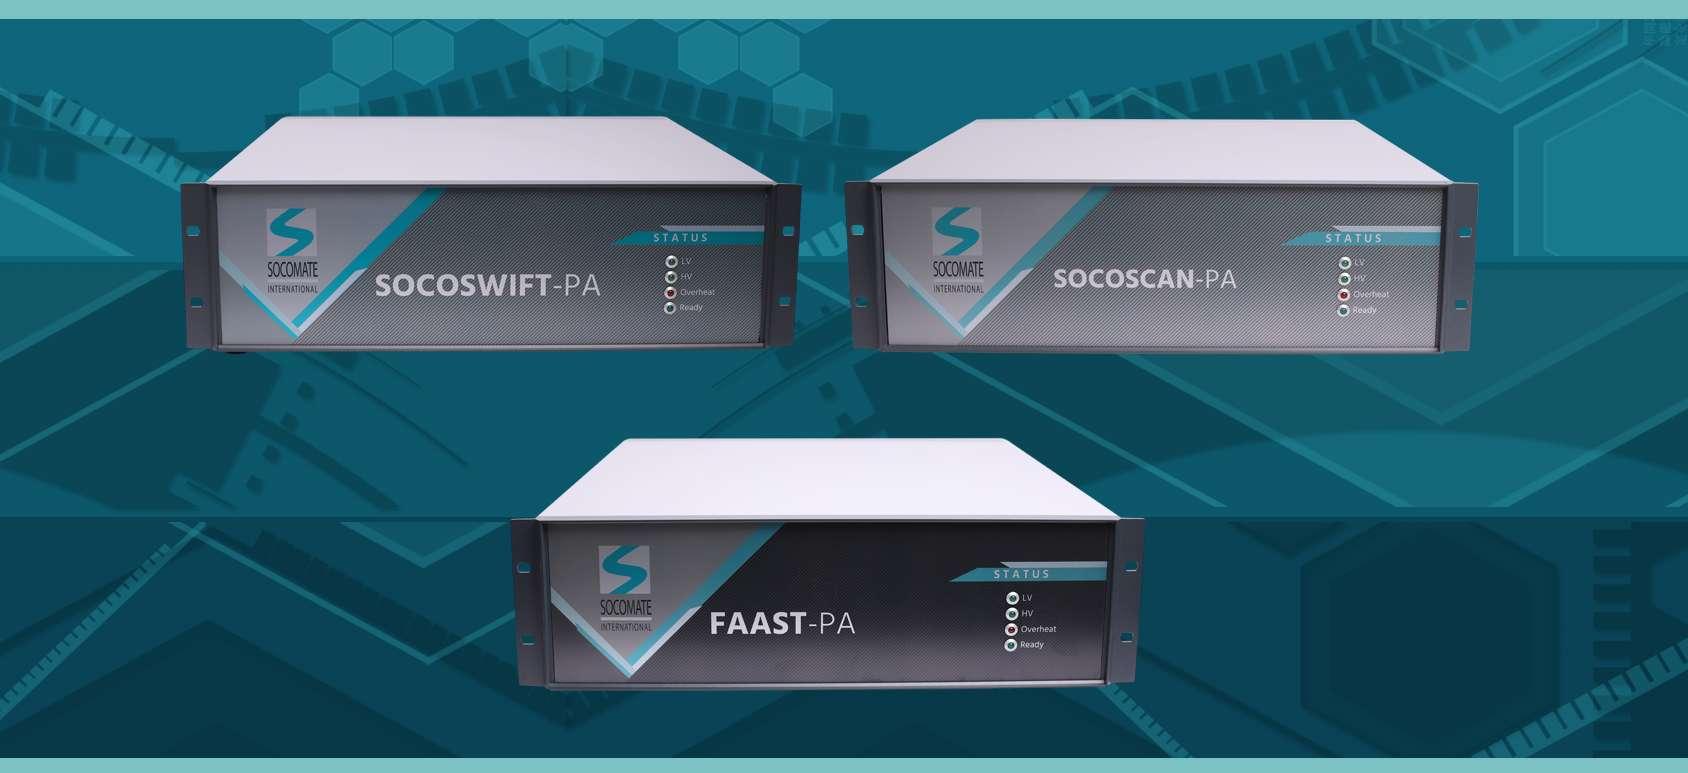 SOCOSCAN SOCOSWIFT FAAST